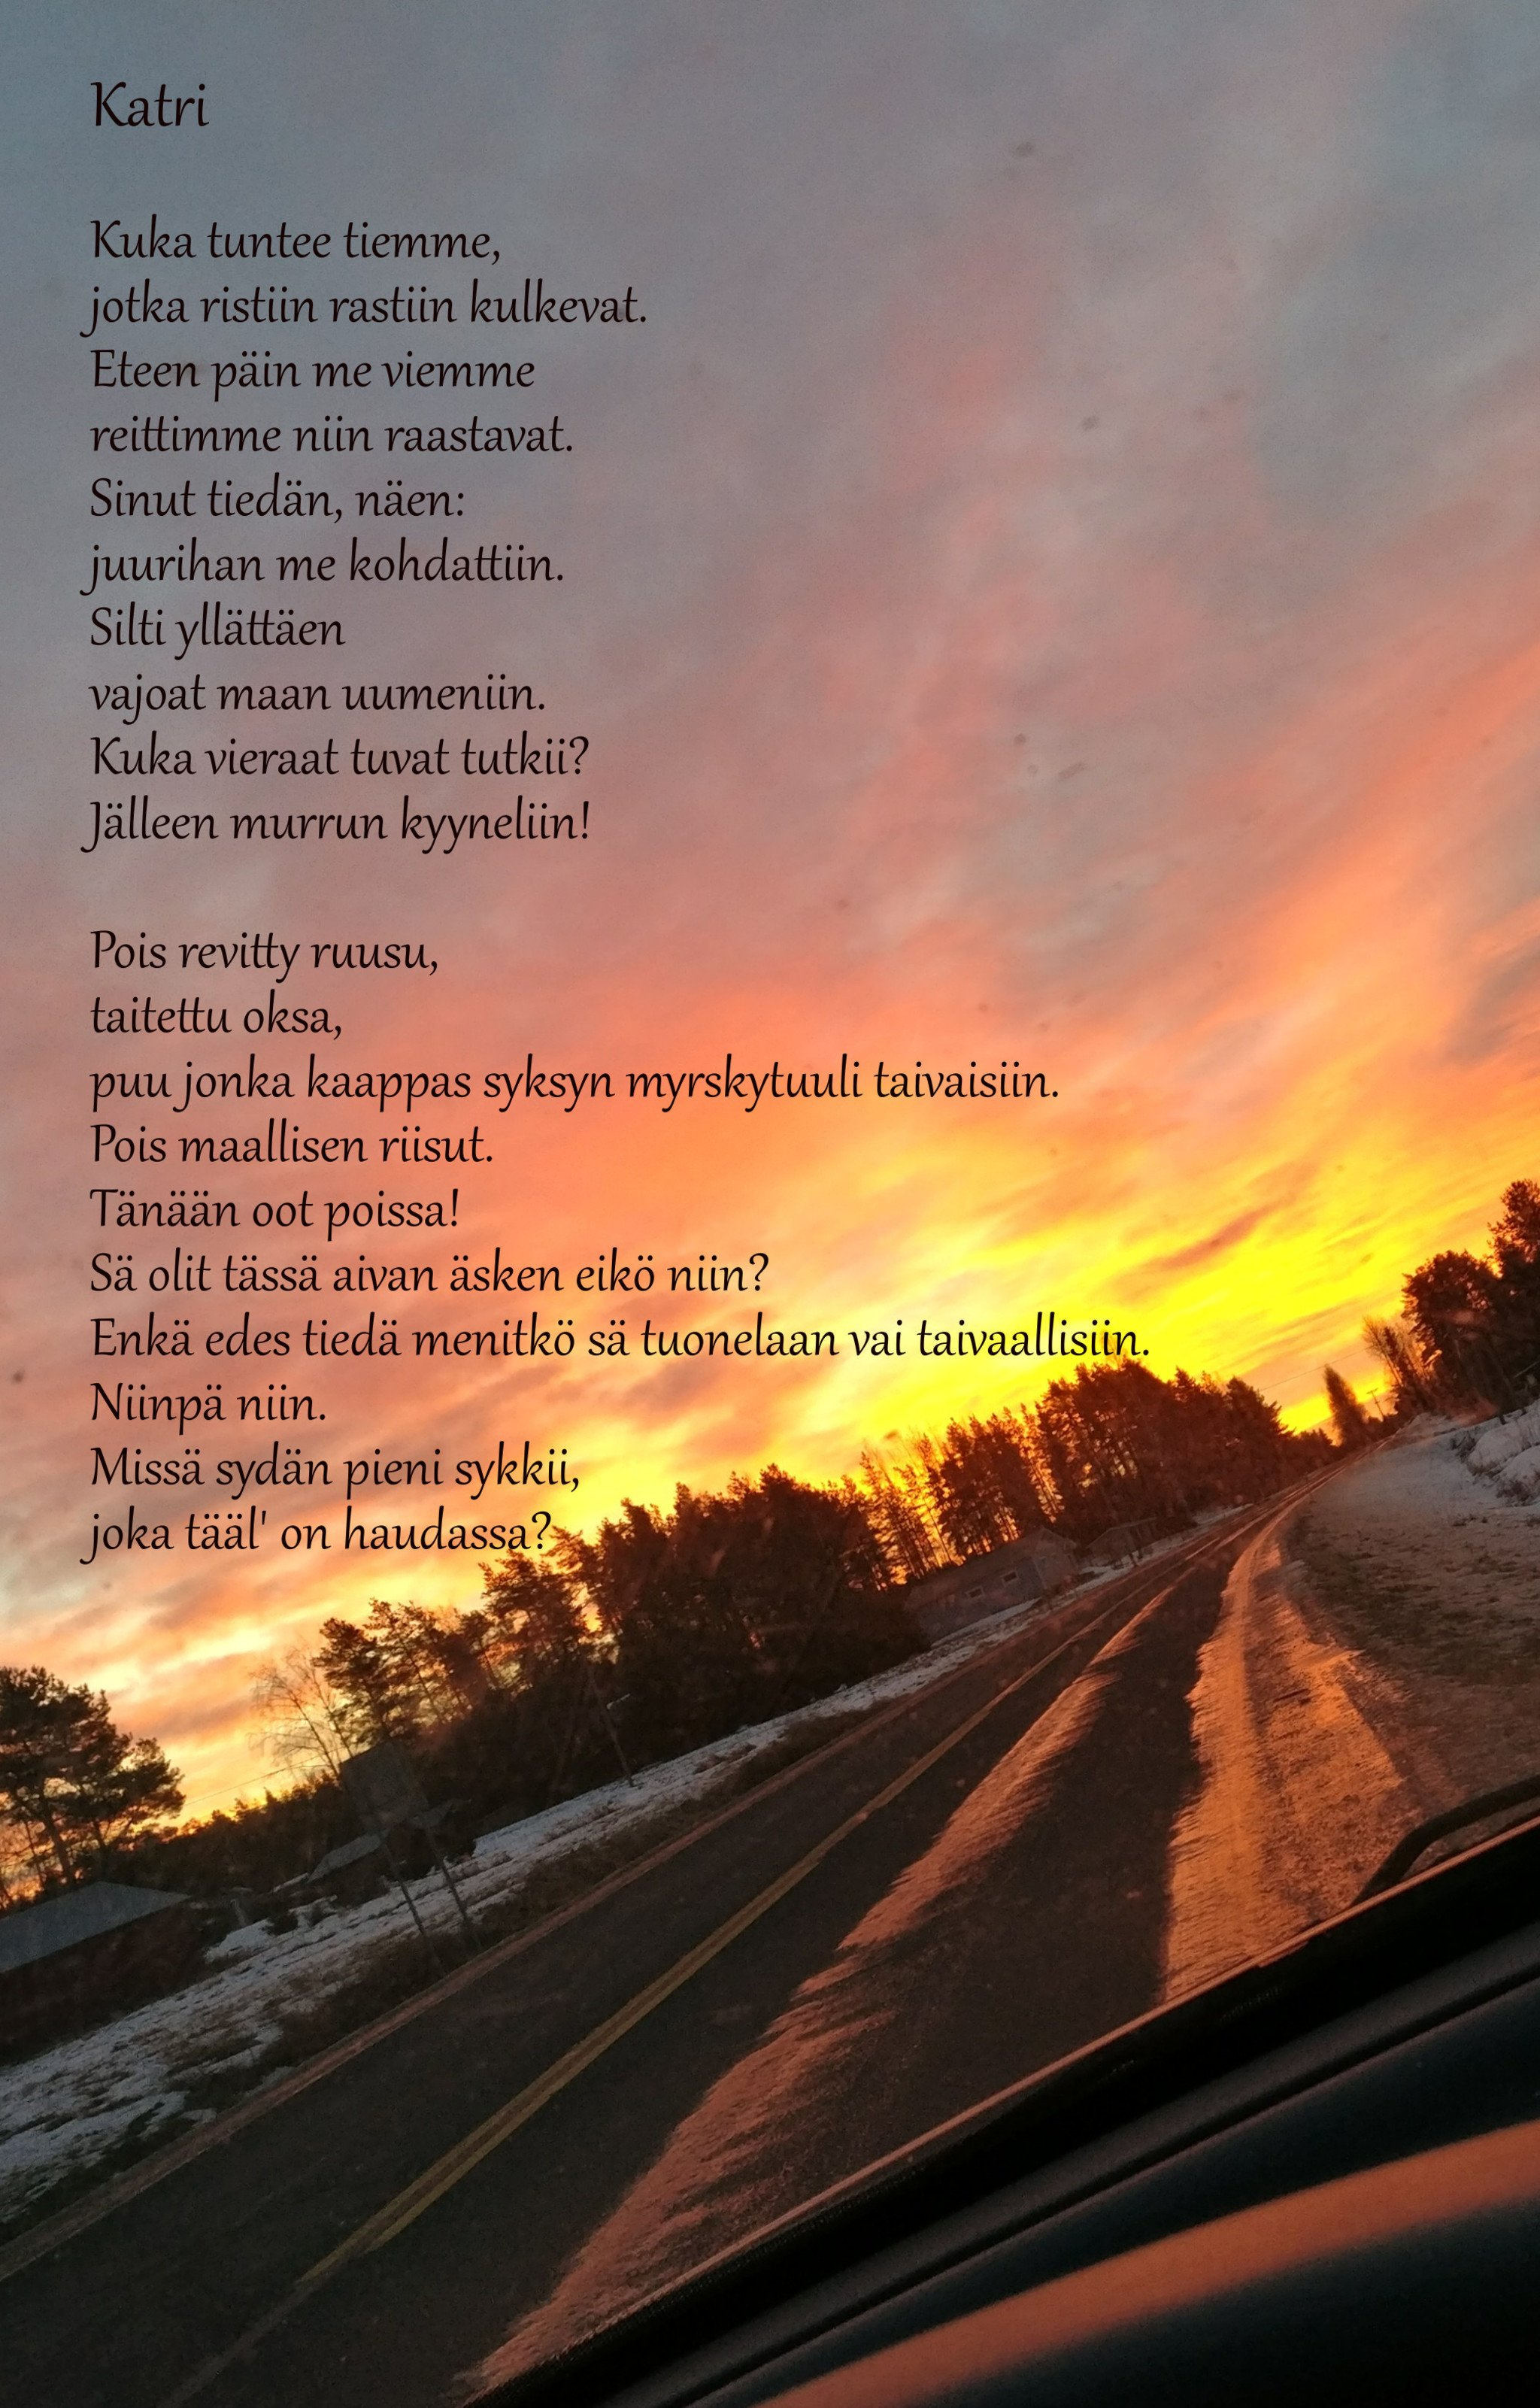 Epävarmuus ystävän taivaspaikasta - Nuotta.com